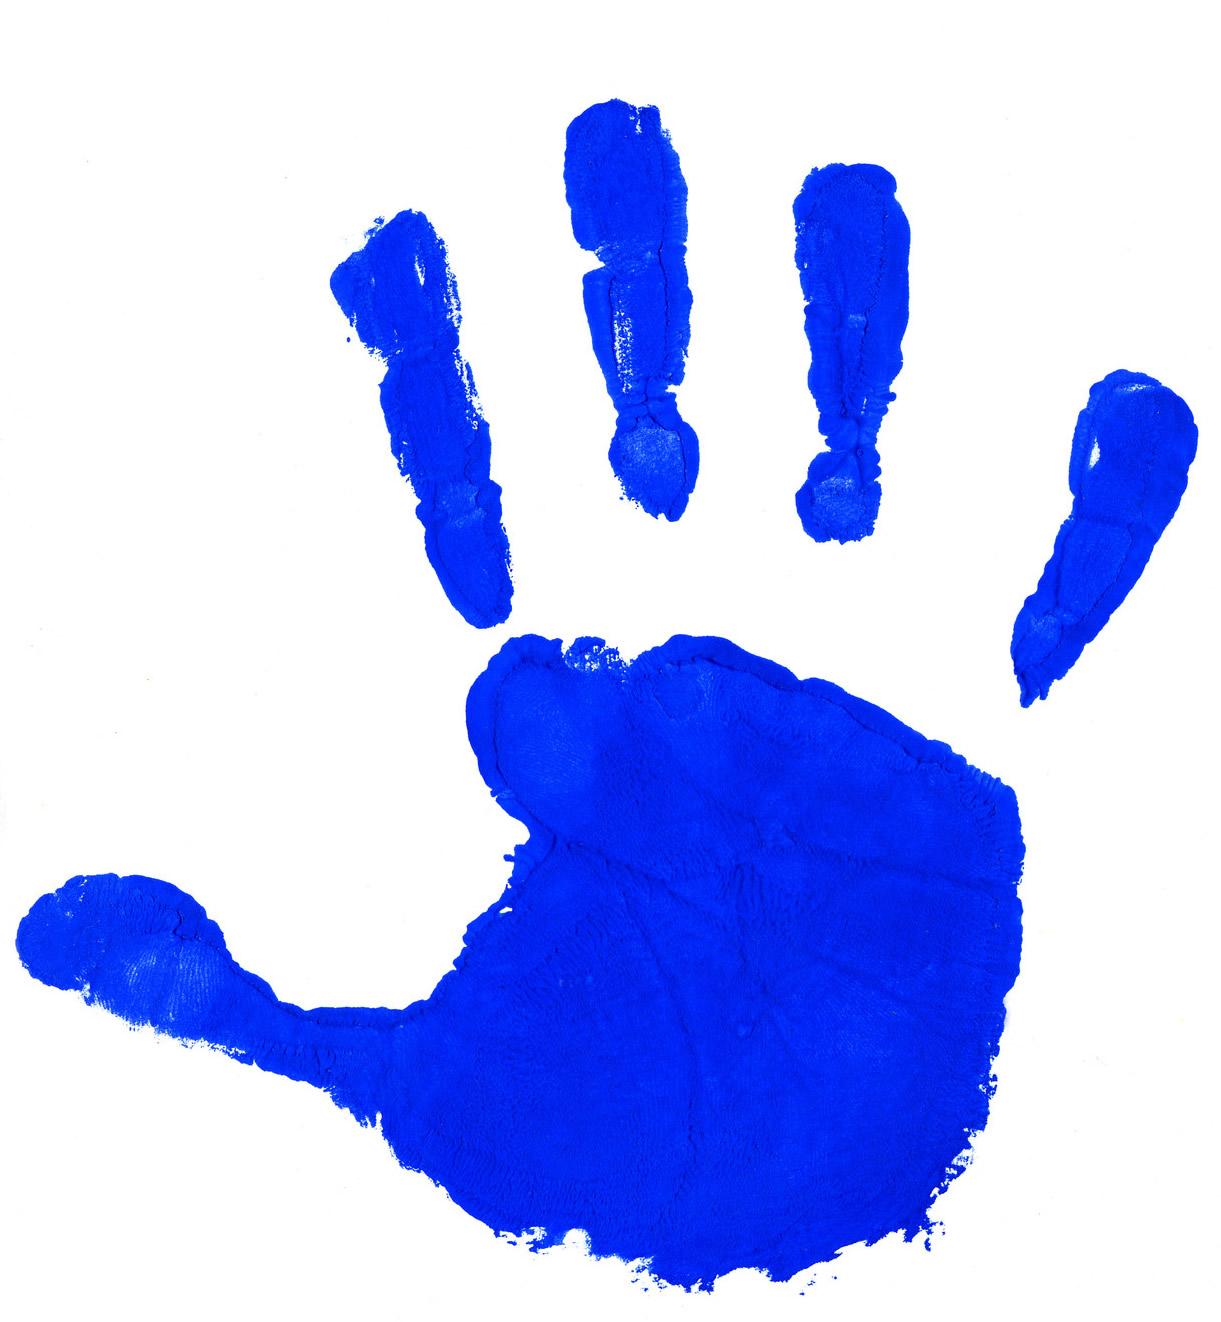 Kids Handprint Clipart Handprint-Kids Handprint Clipart Handprint-12